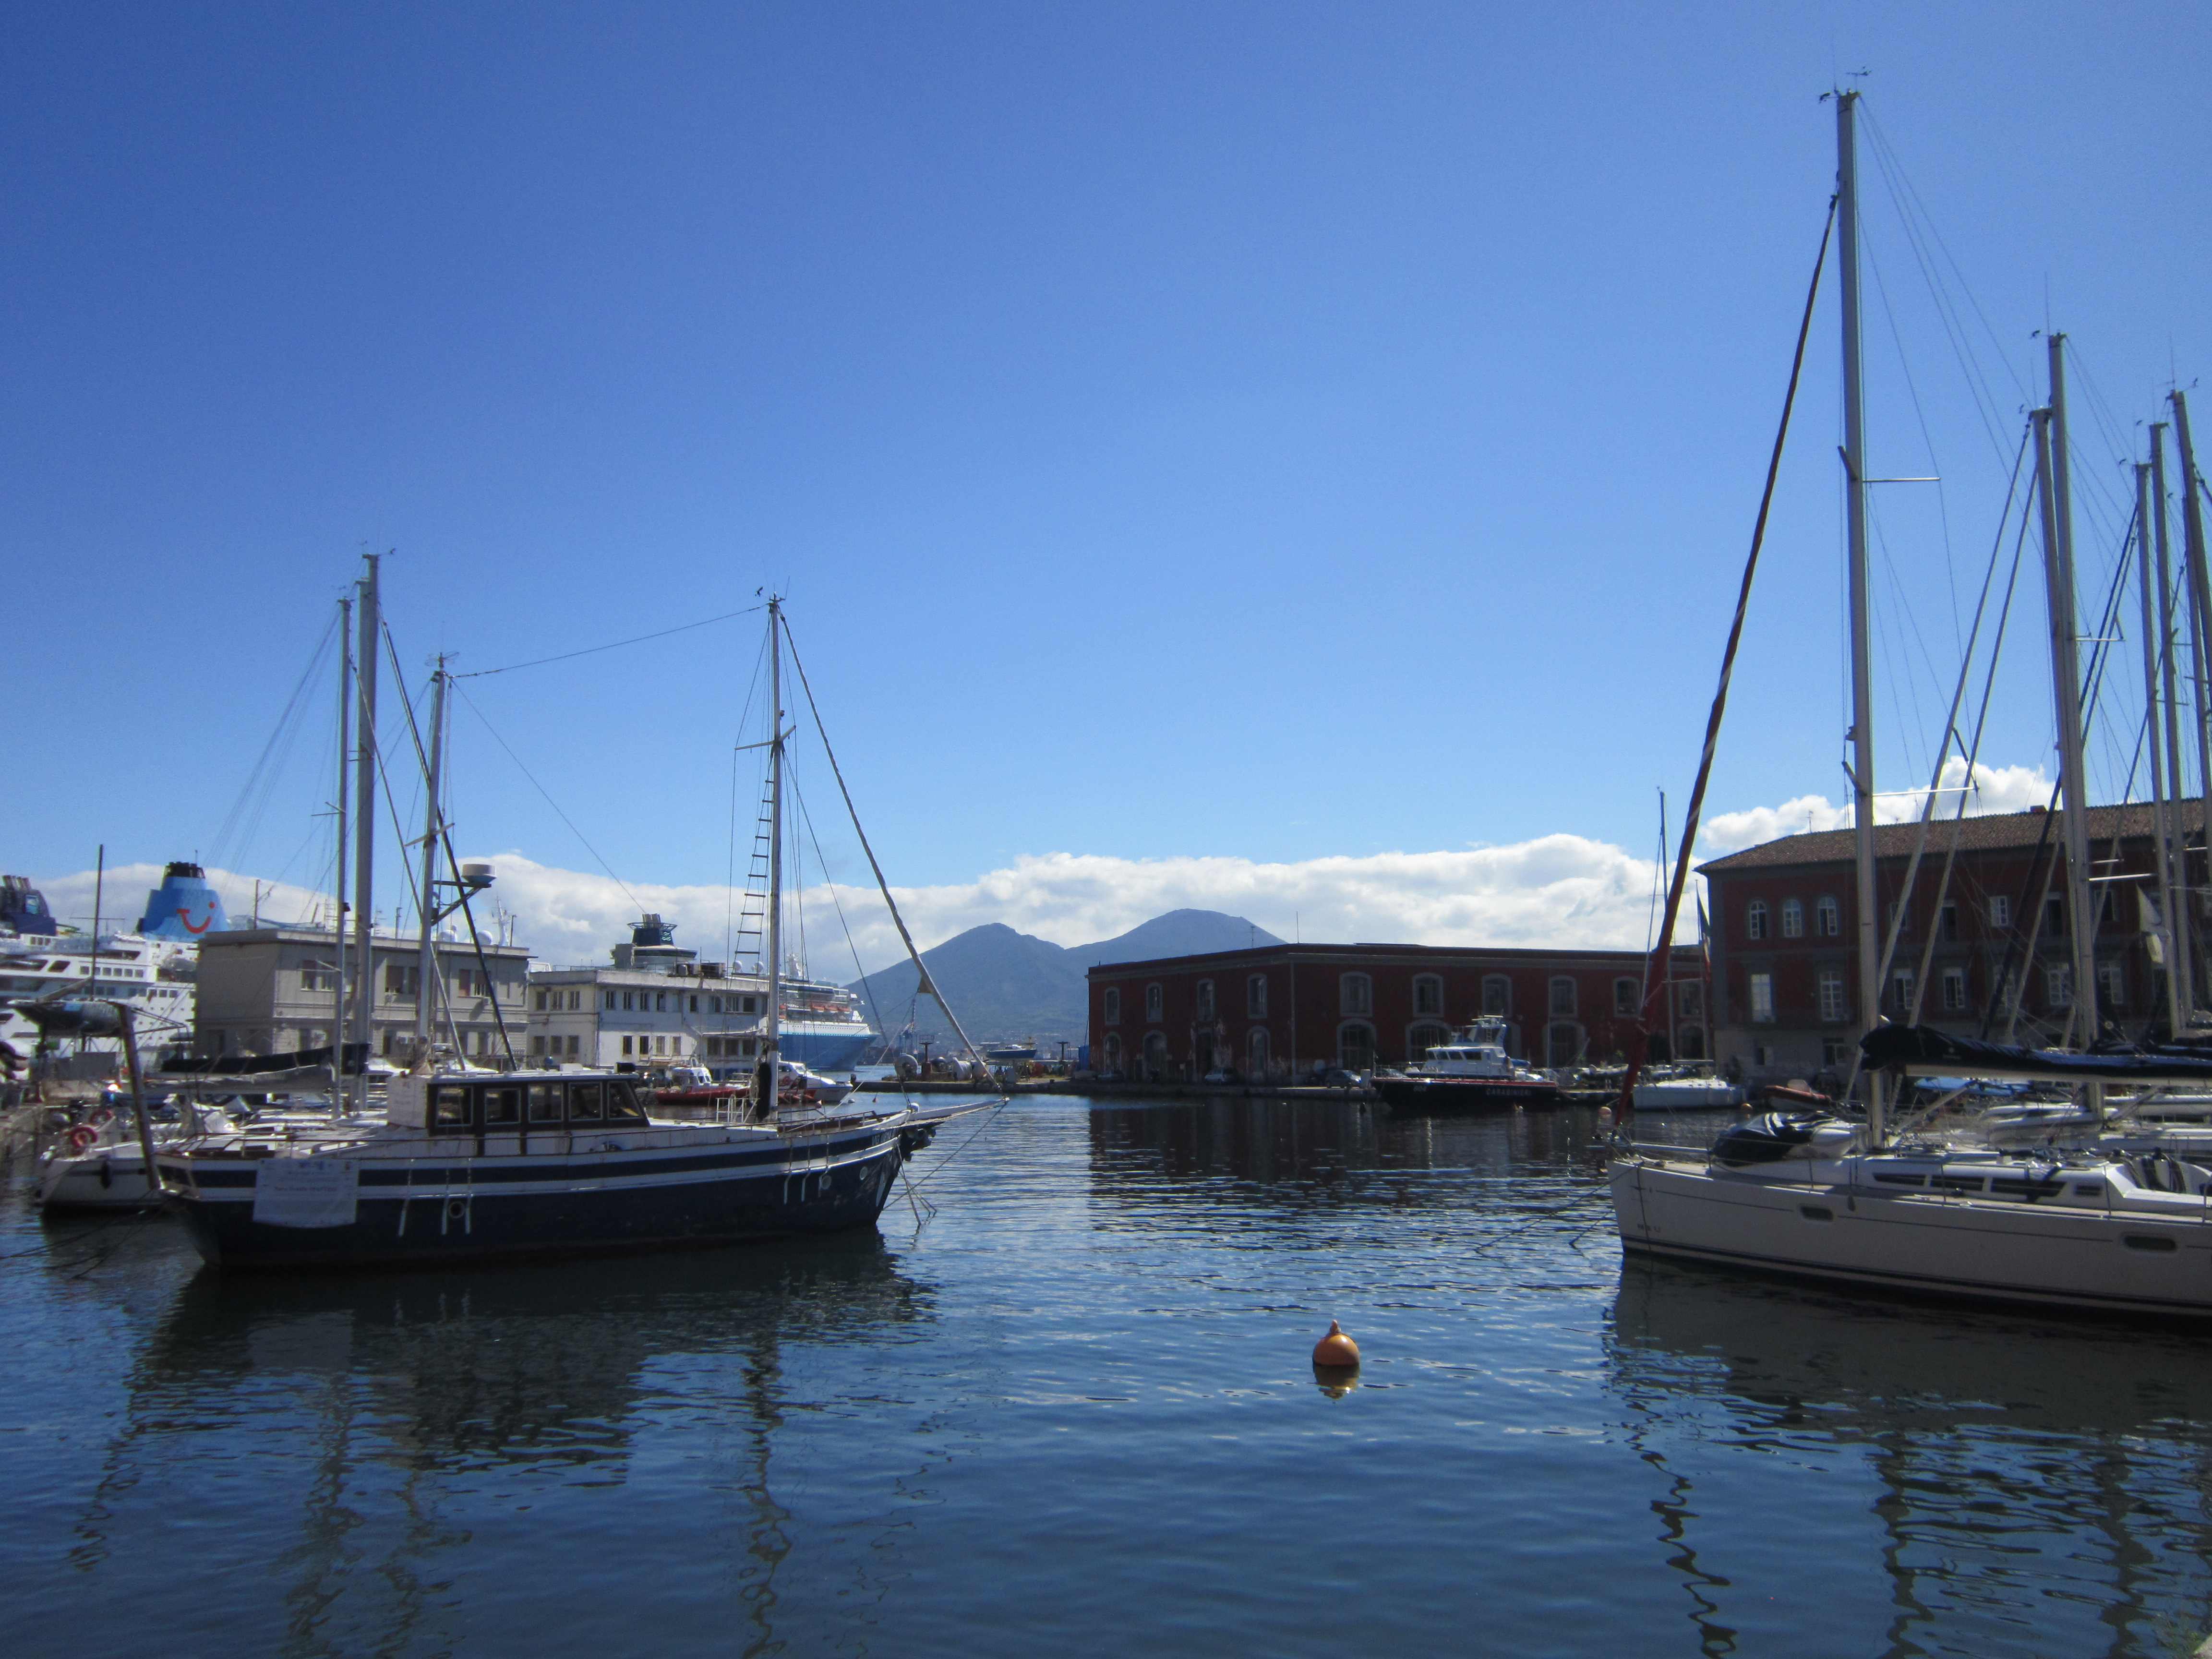 Harbour in Napoli